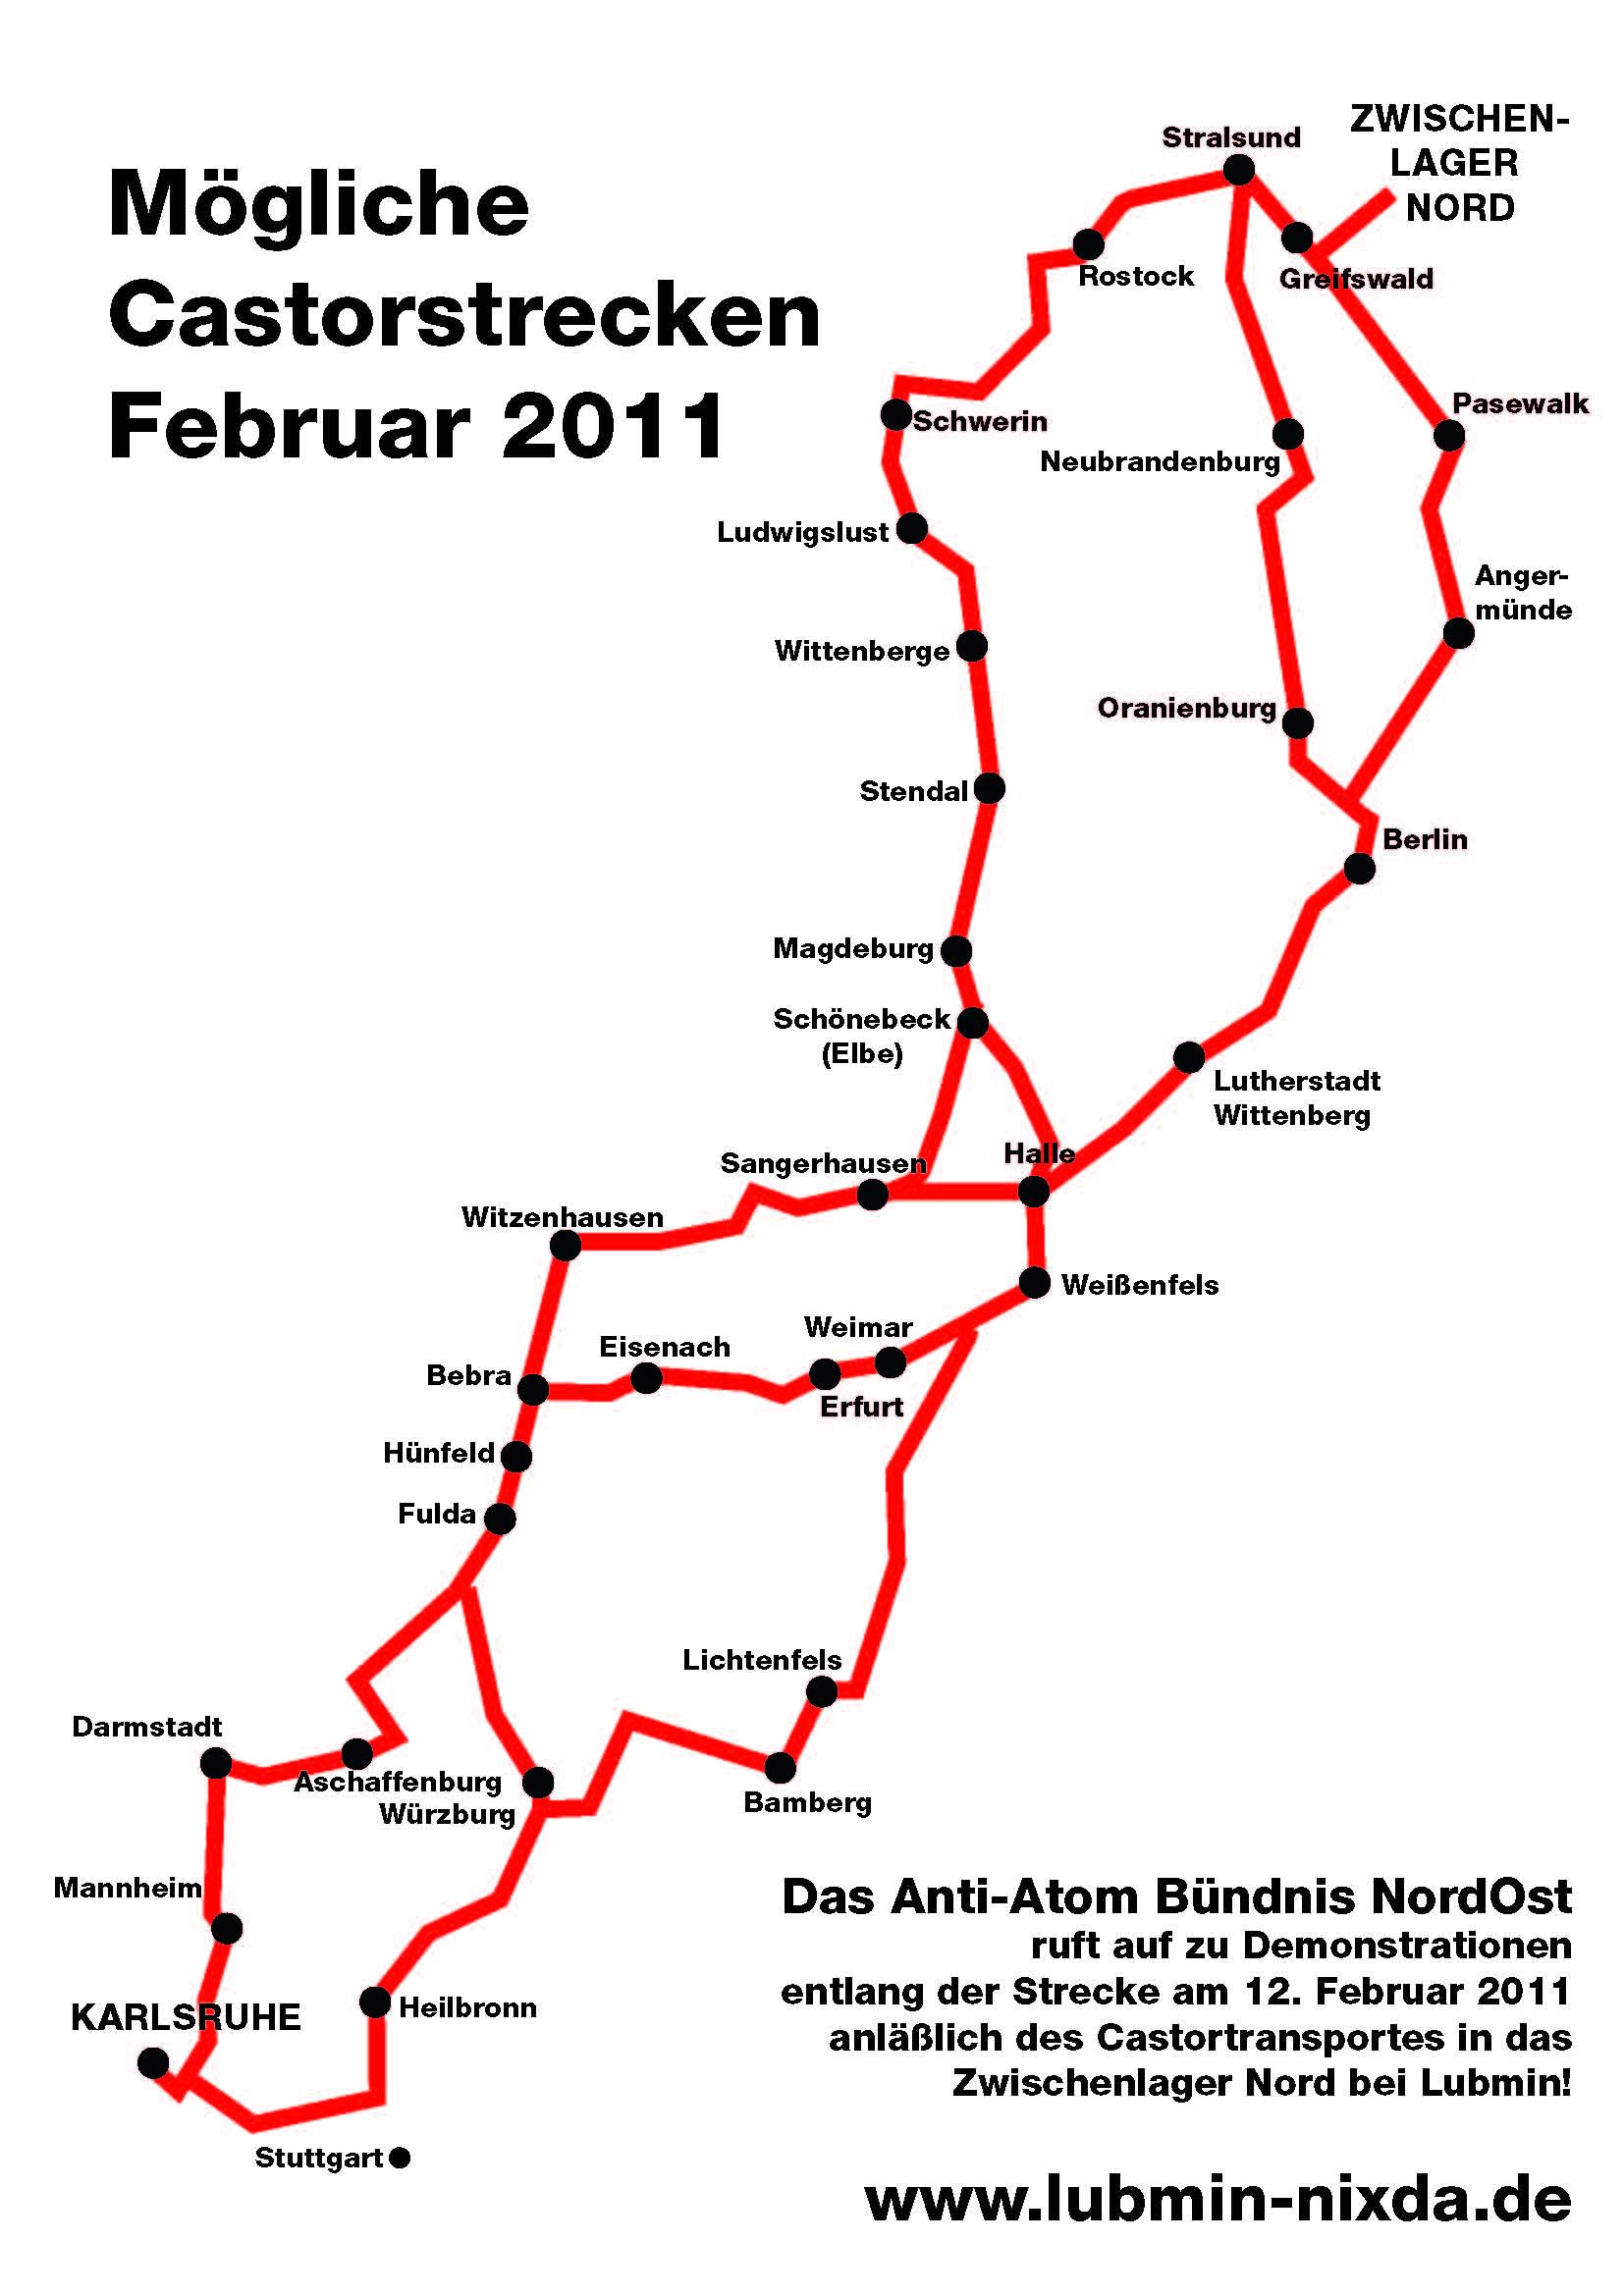 Mögliche Castorstrecken im Februar 2011